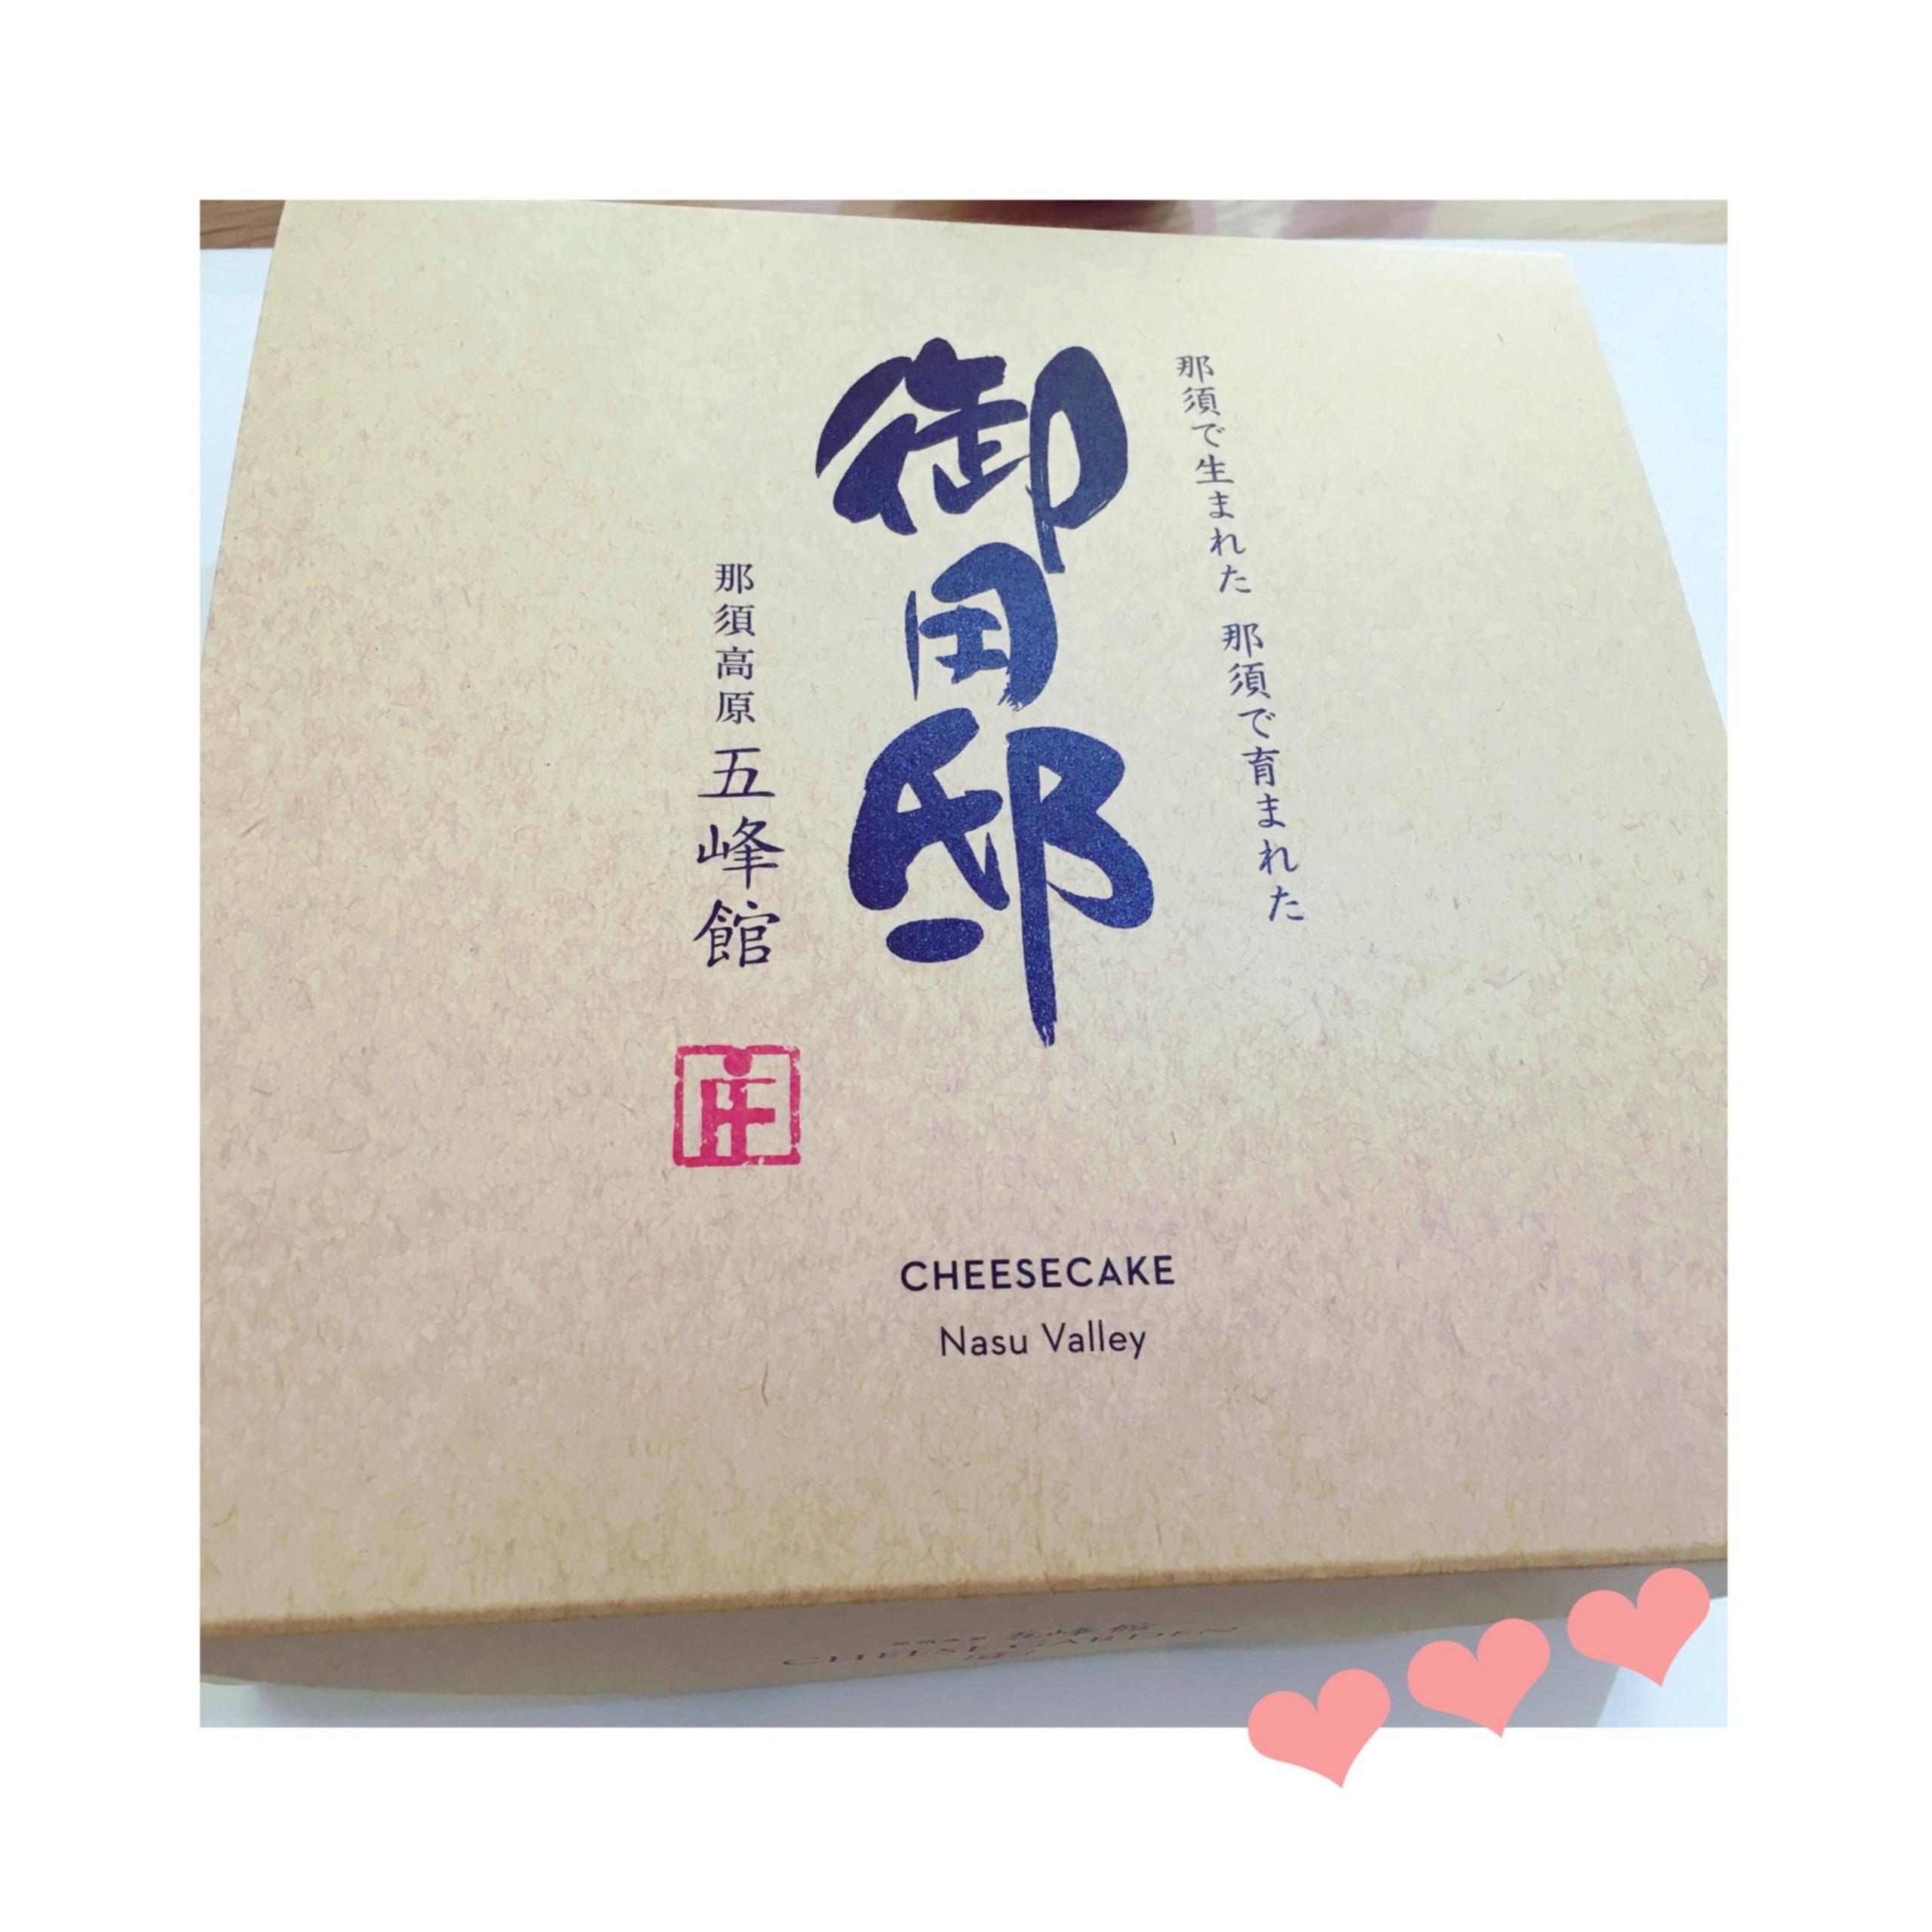 『東京ソラマチ』で買える、 喜ばれる手土産って? 今週の「ご当地モア」ランキング!_1_4